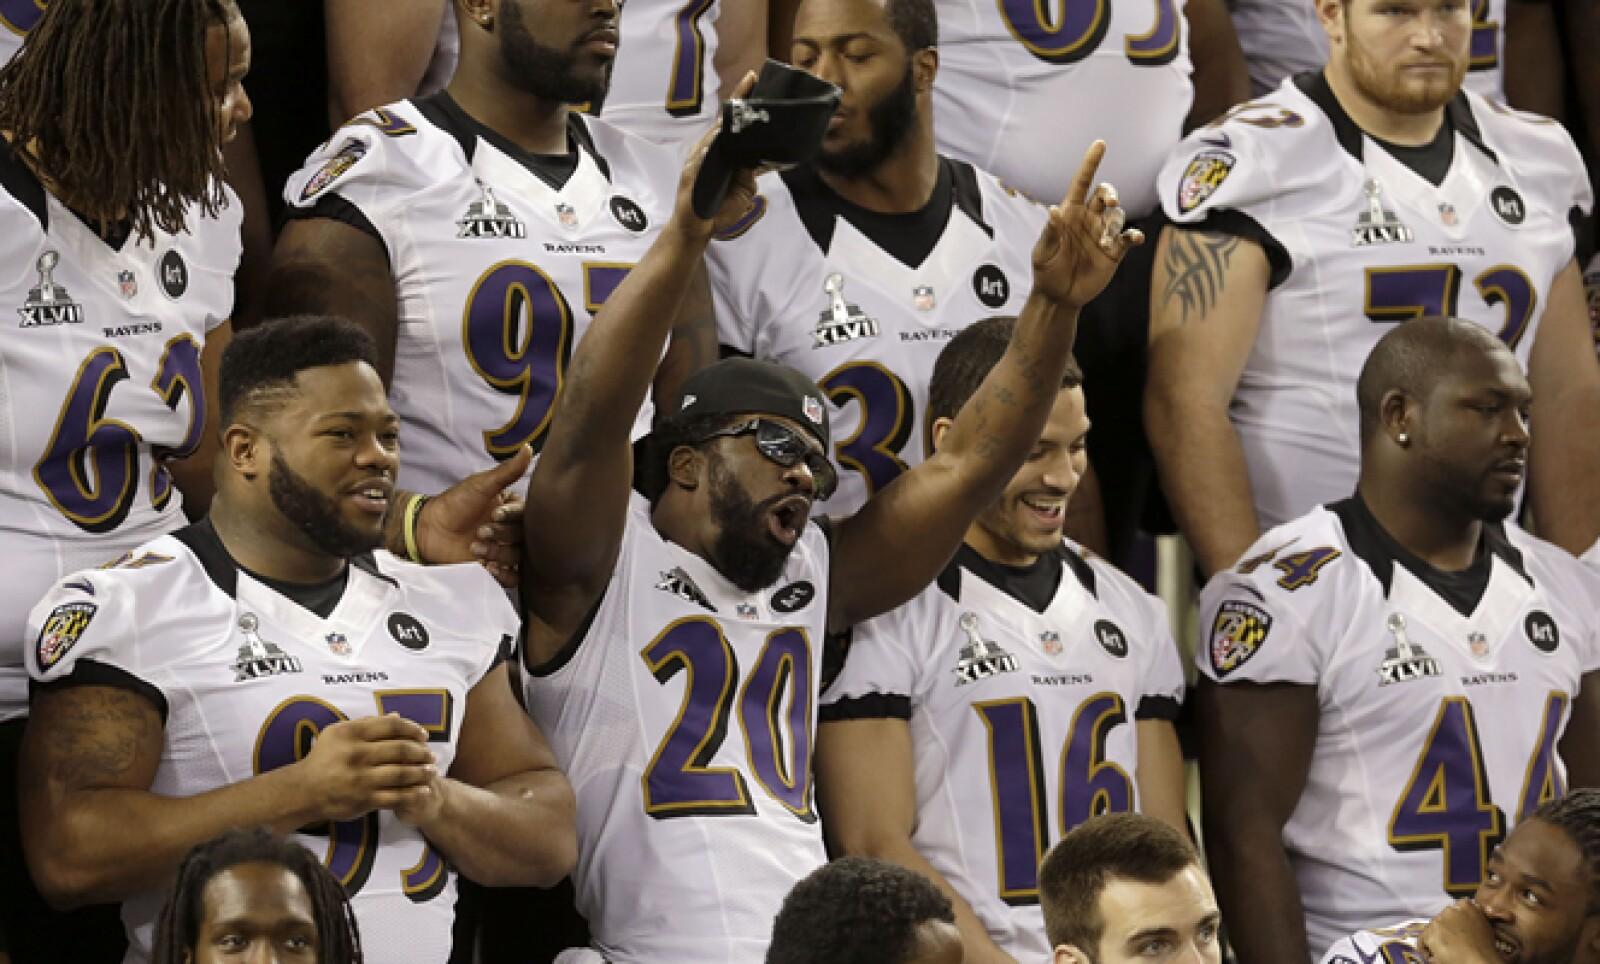 El veterano safety de los Cuervos, Ed Reed, contagia con su humor a todo el equipo durante la foto oficial.